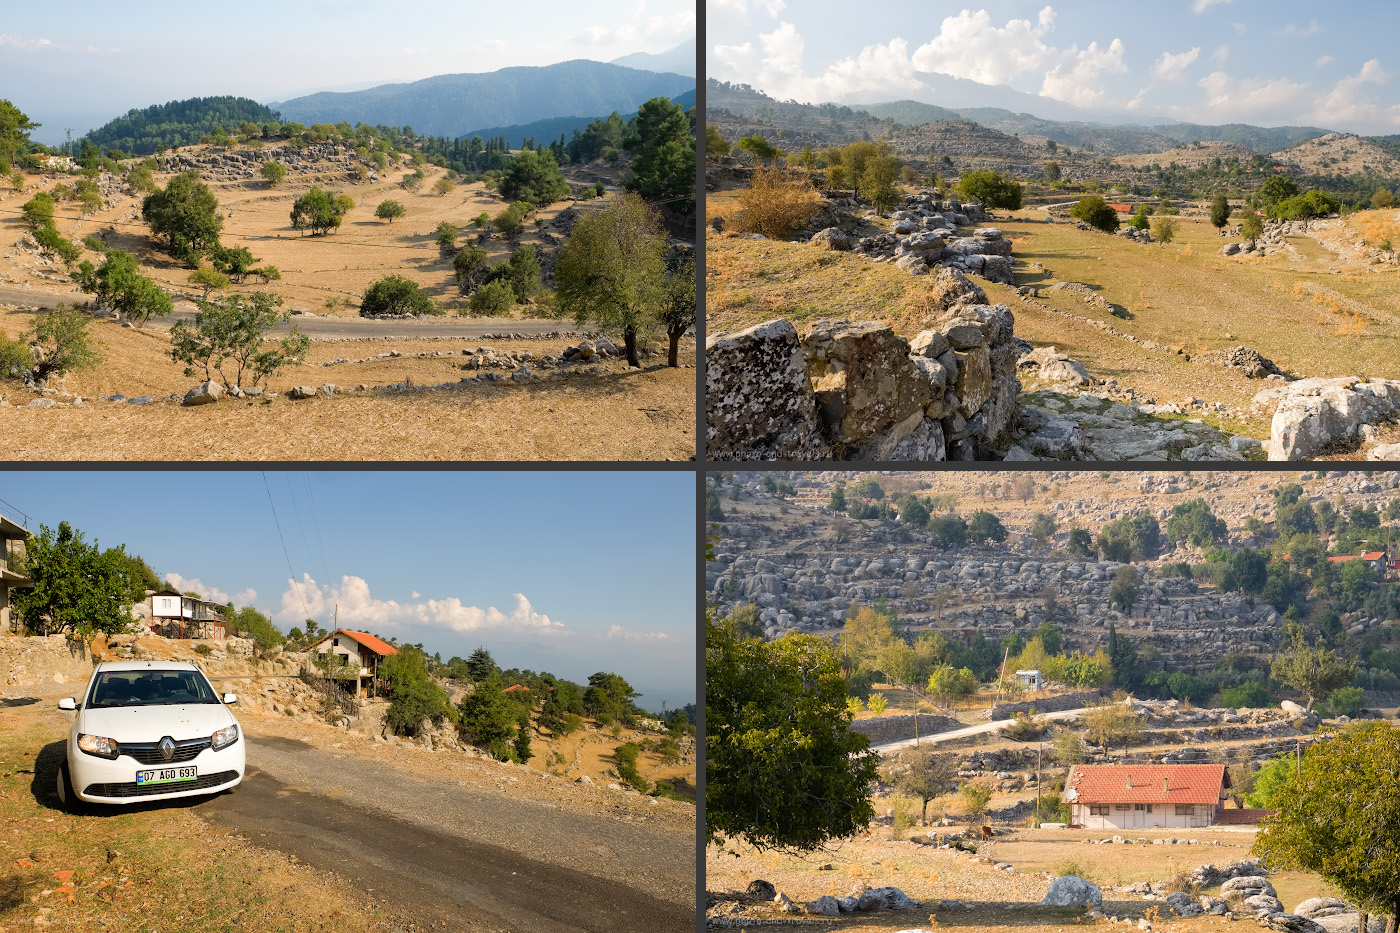 2. Такие пейзажи встречают путников, забредших в деревню Алтынкая (Altınkaya Köyü), расположенную в 100 км от Анталии. Какие интересные места посмотреть в Турции? Снято на Fuji X-T10 с объективом Fujifilm 16-55mm f/2.8.